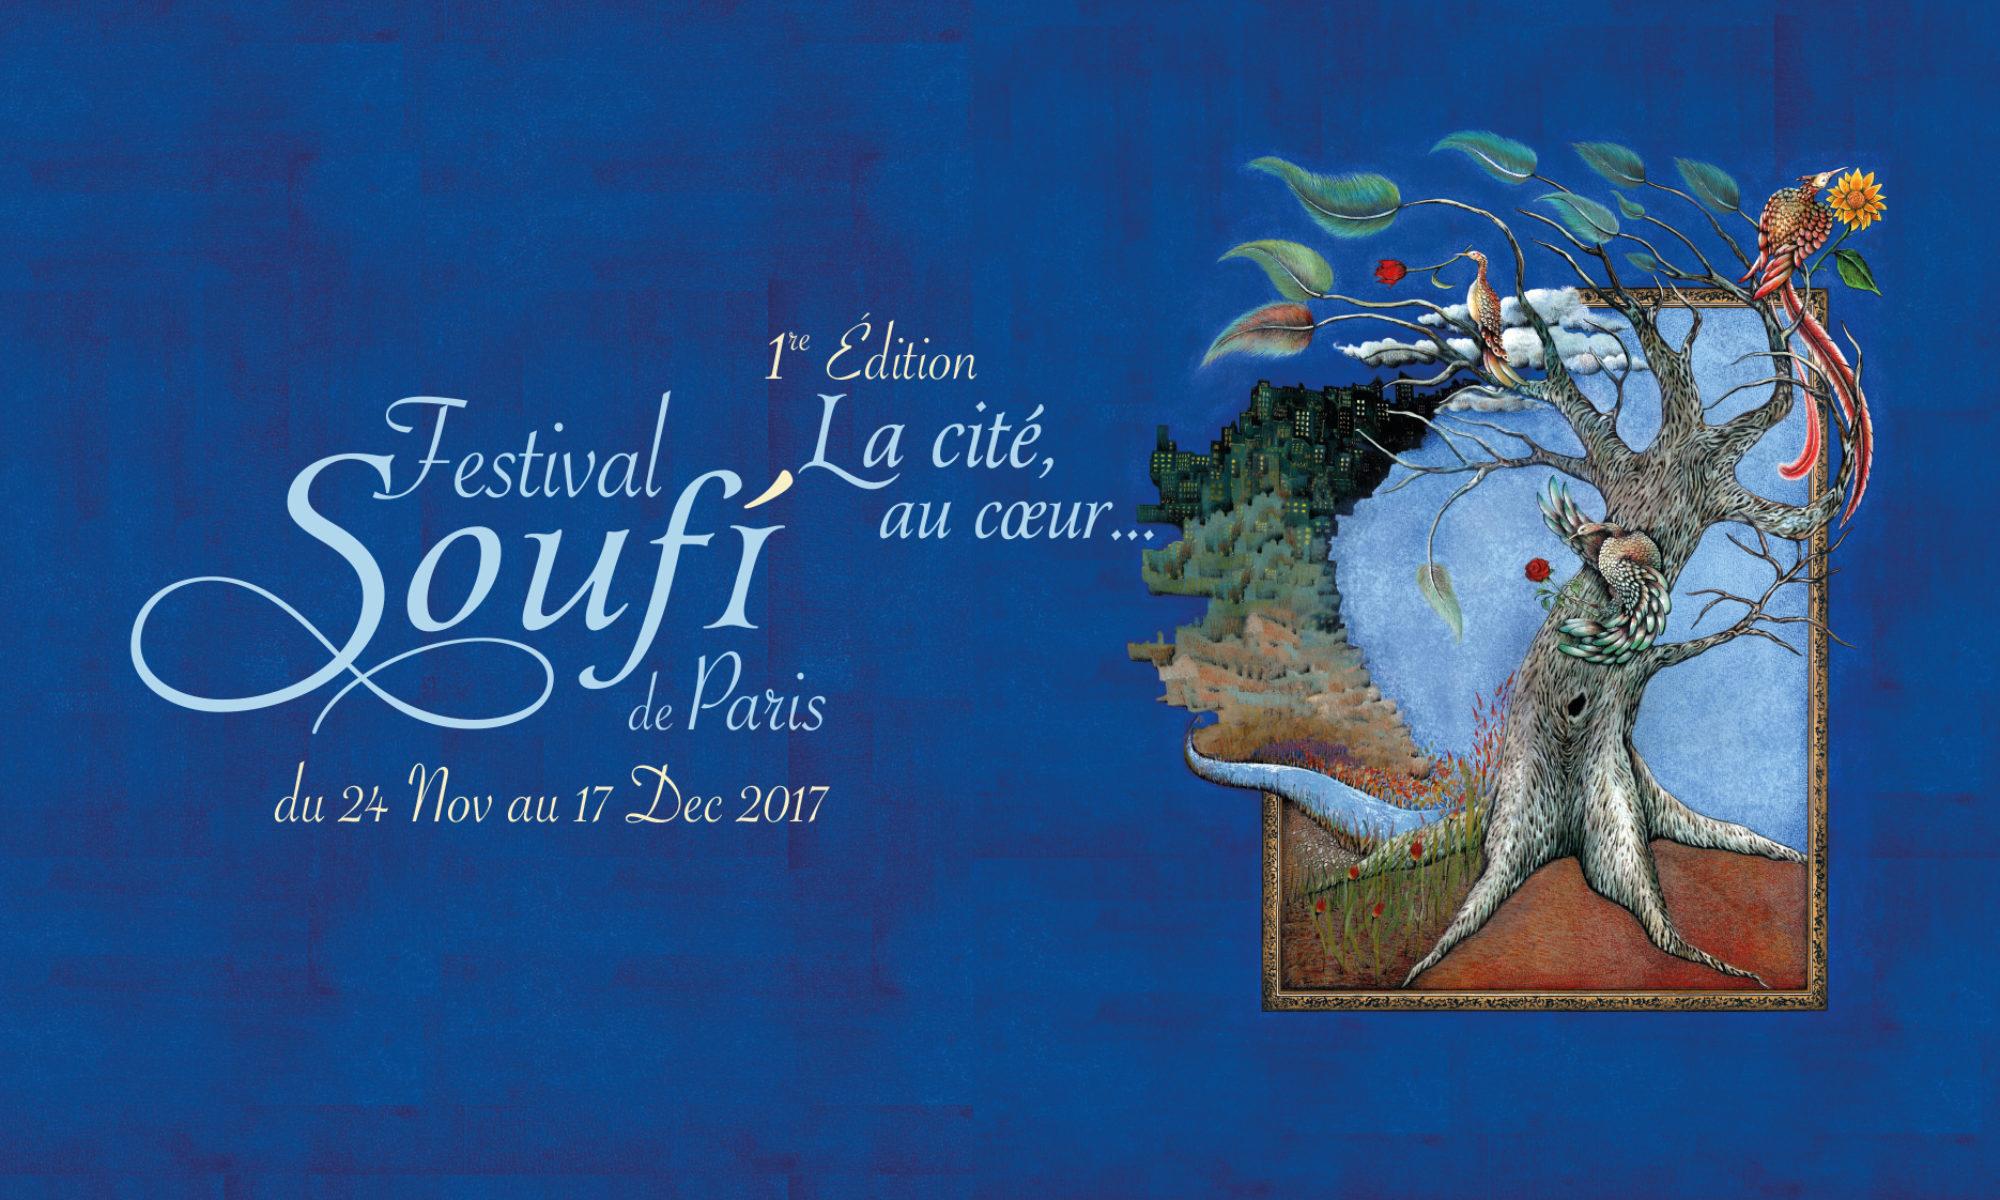 Festival Soufi de Paris